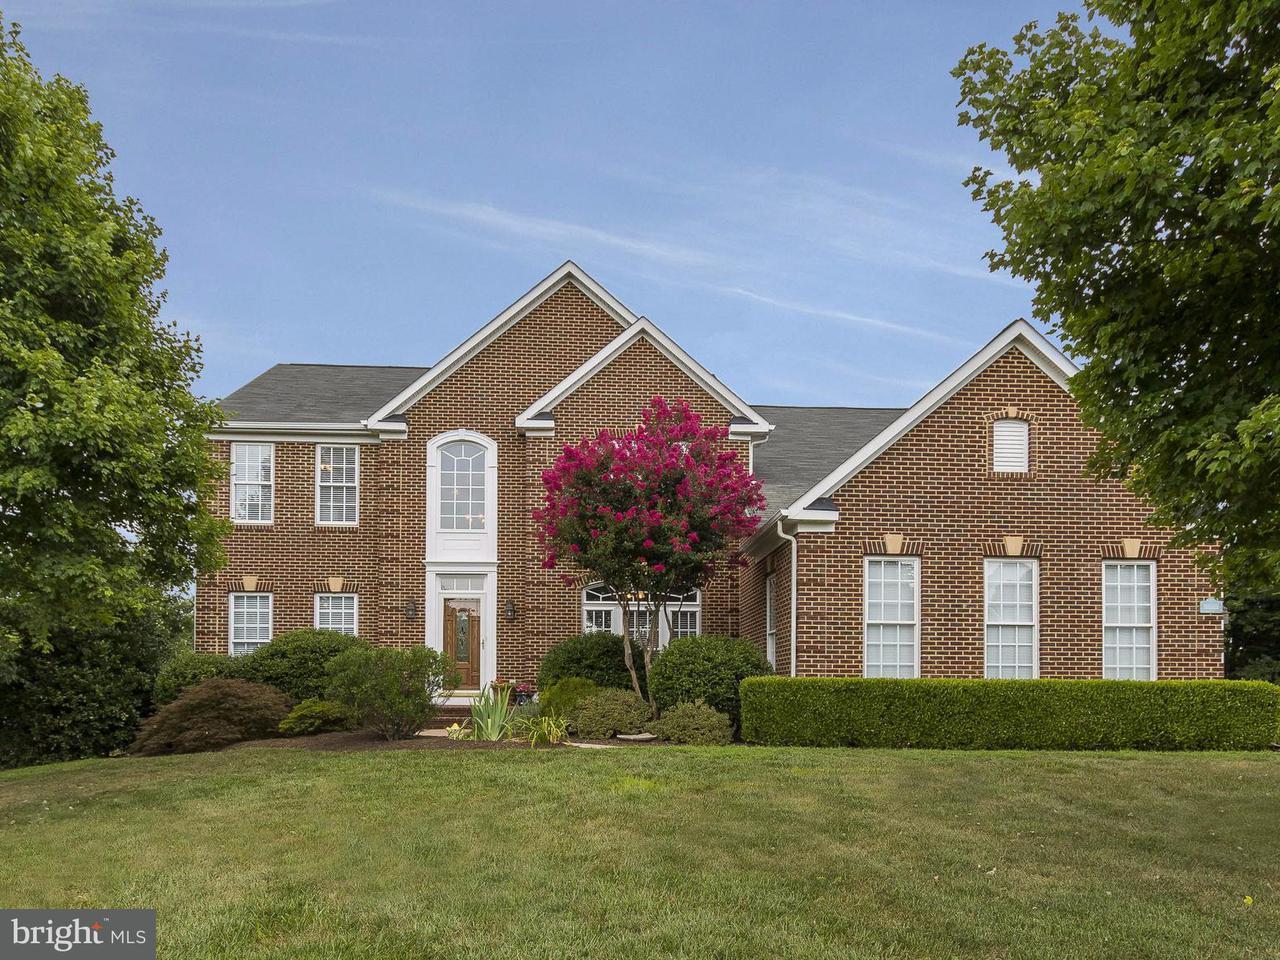 Casa Unifamiliar por un Venta en 19133 John William Place 19133 John William Place Culpeper, Virginia 22701 Estados Unidos